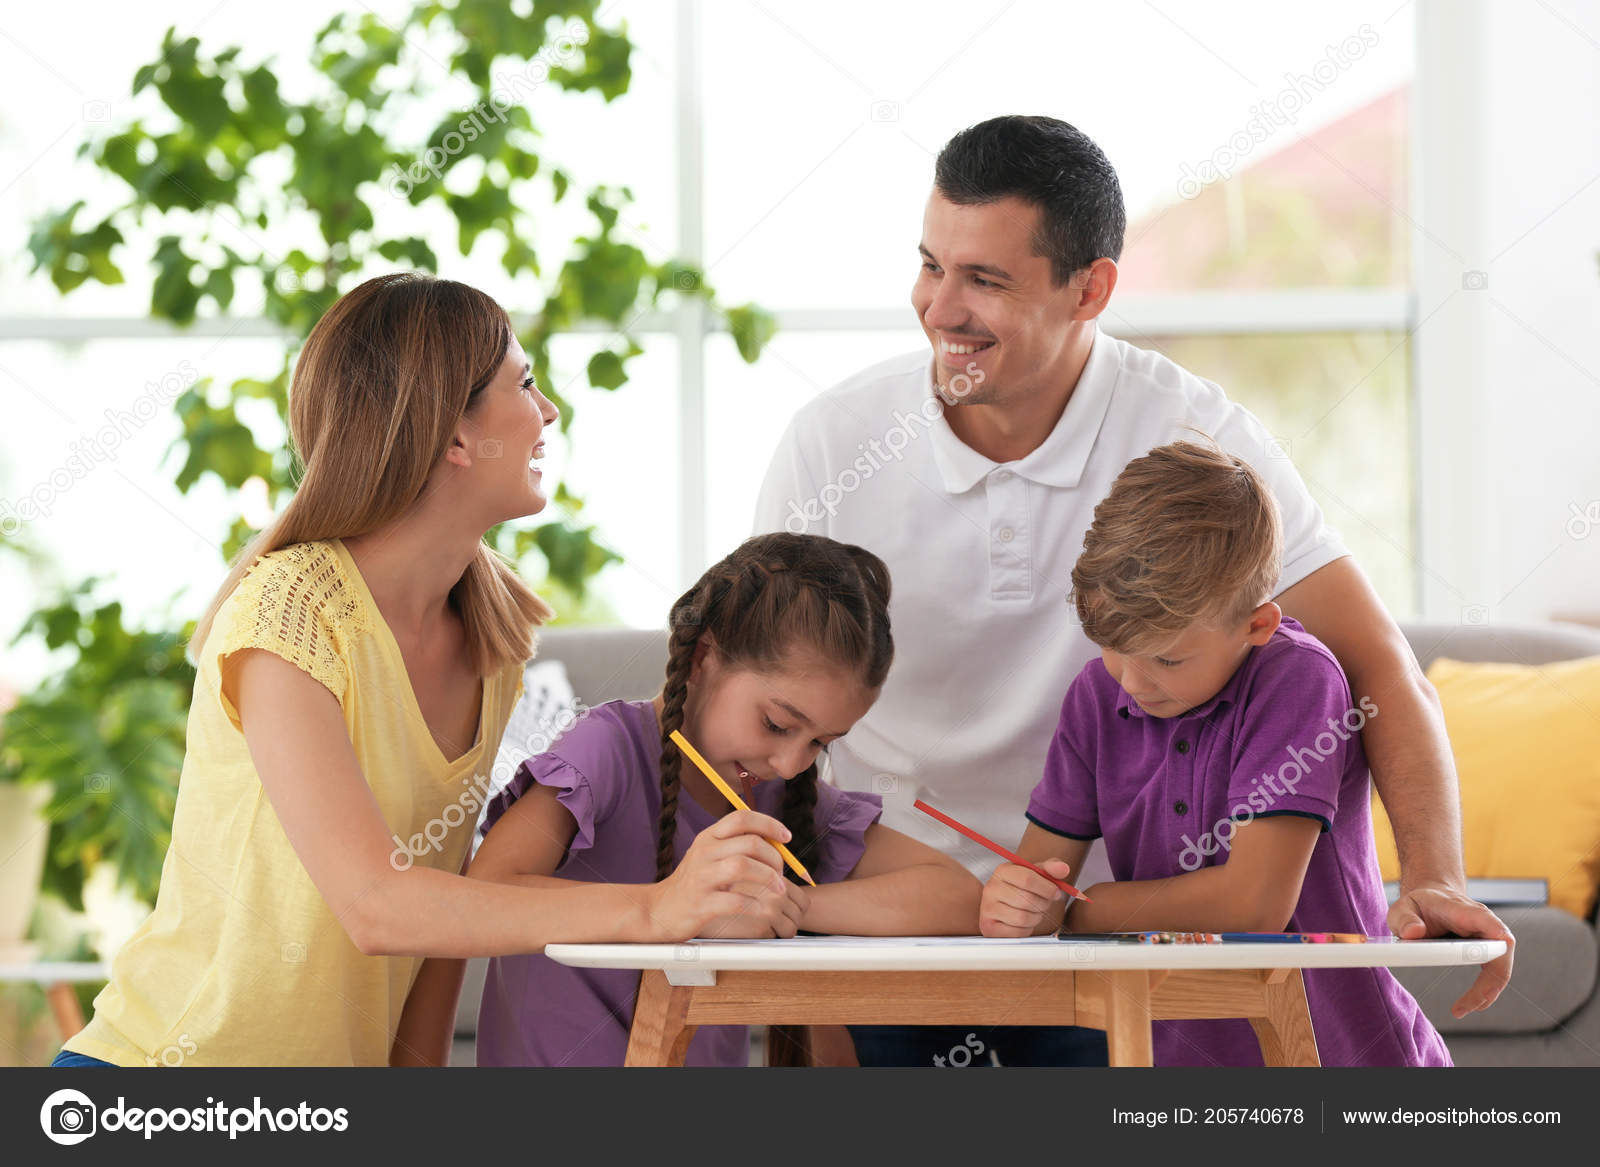 Τα παιδιά με γονείς σχεδίασης στο τραπέζι σε εσωτερικούς χώρους.  Ευτυχισμένη οικογένεια — Εικόνα από liudmilachernetska gmail.com 076d055d7df